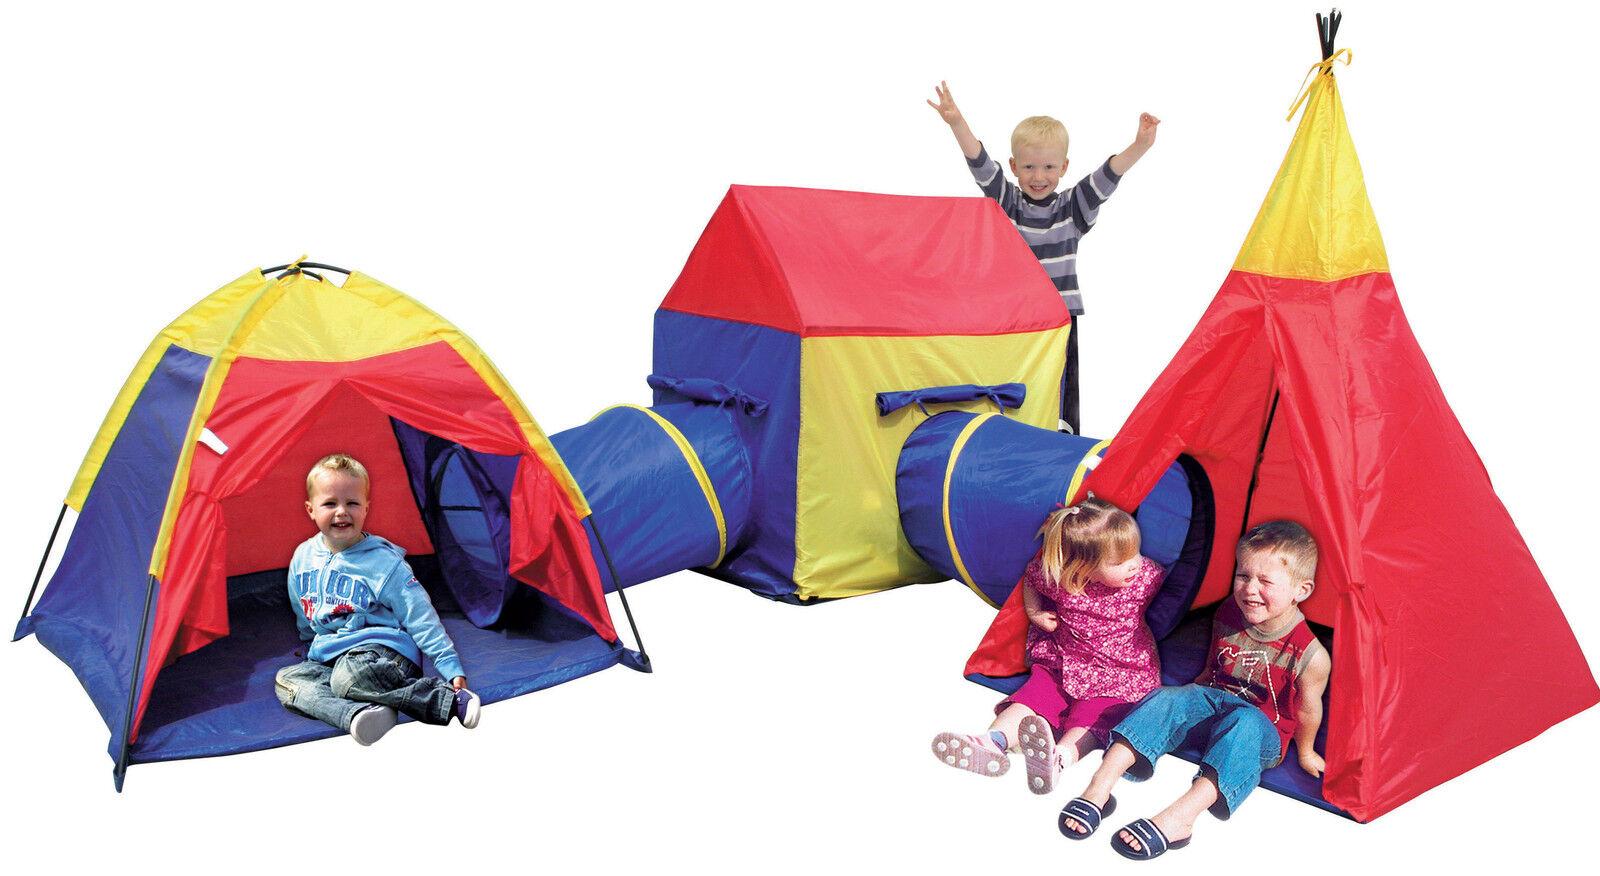 Mega Kinder Zeltstadt mit Zelt Tipi Spielhaus und 2 x x x Krabbeltunnel in and out 0e9f5d